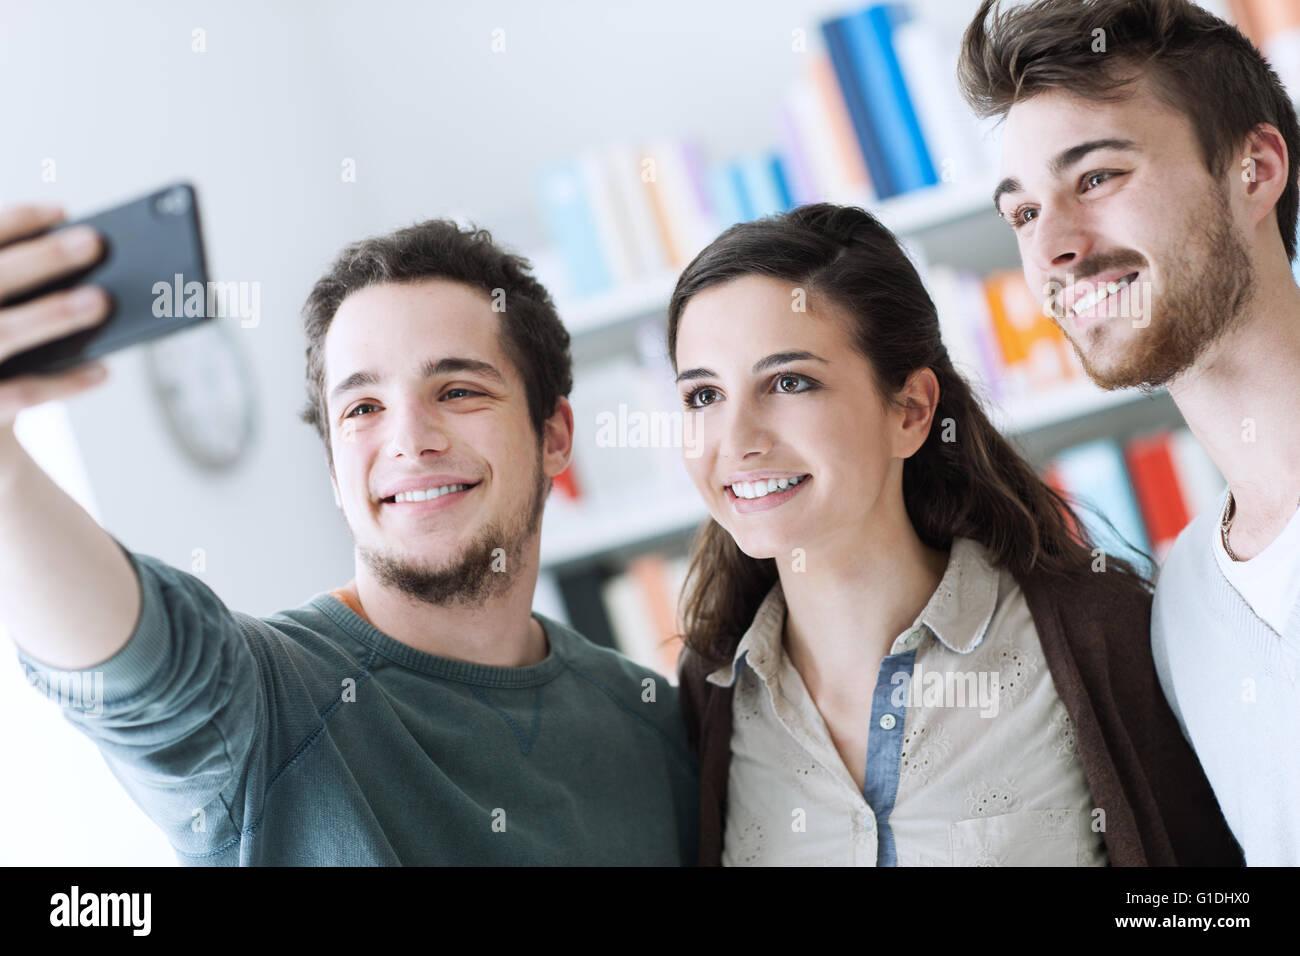 Sorridendo felice adolescenti tenendo selfies con un telefono cellulare, di condivisione e di tecnologia e concetto Immagini Stock